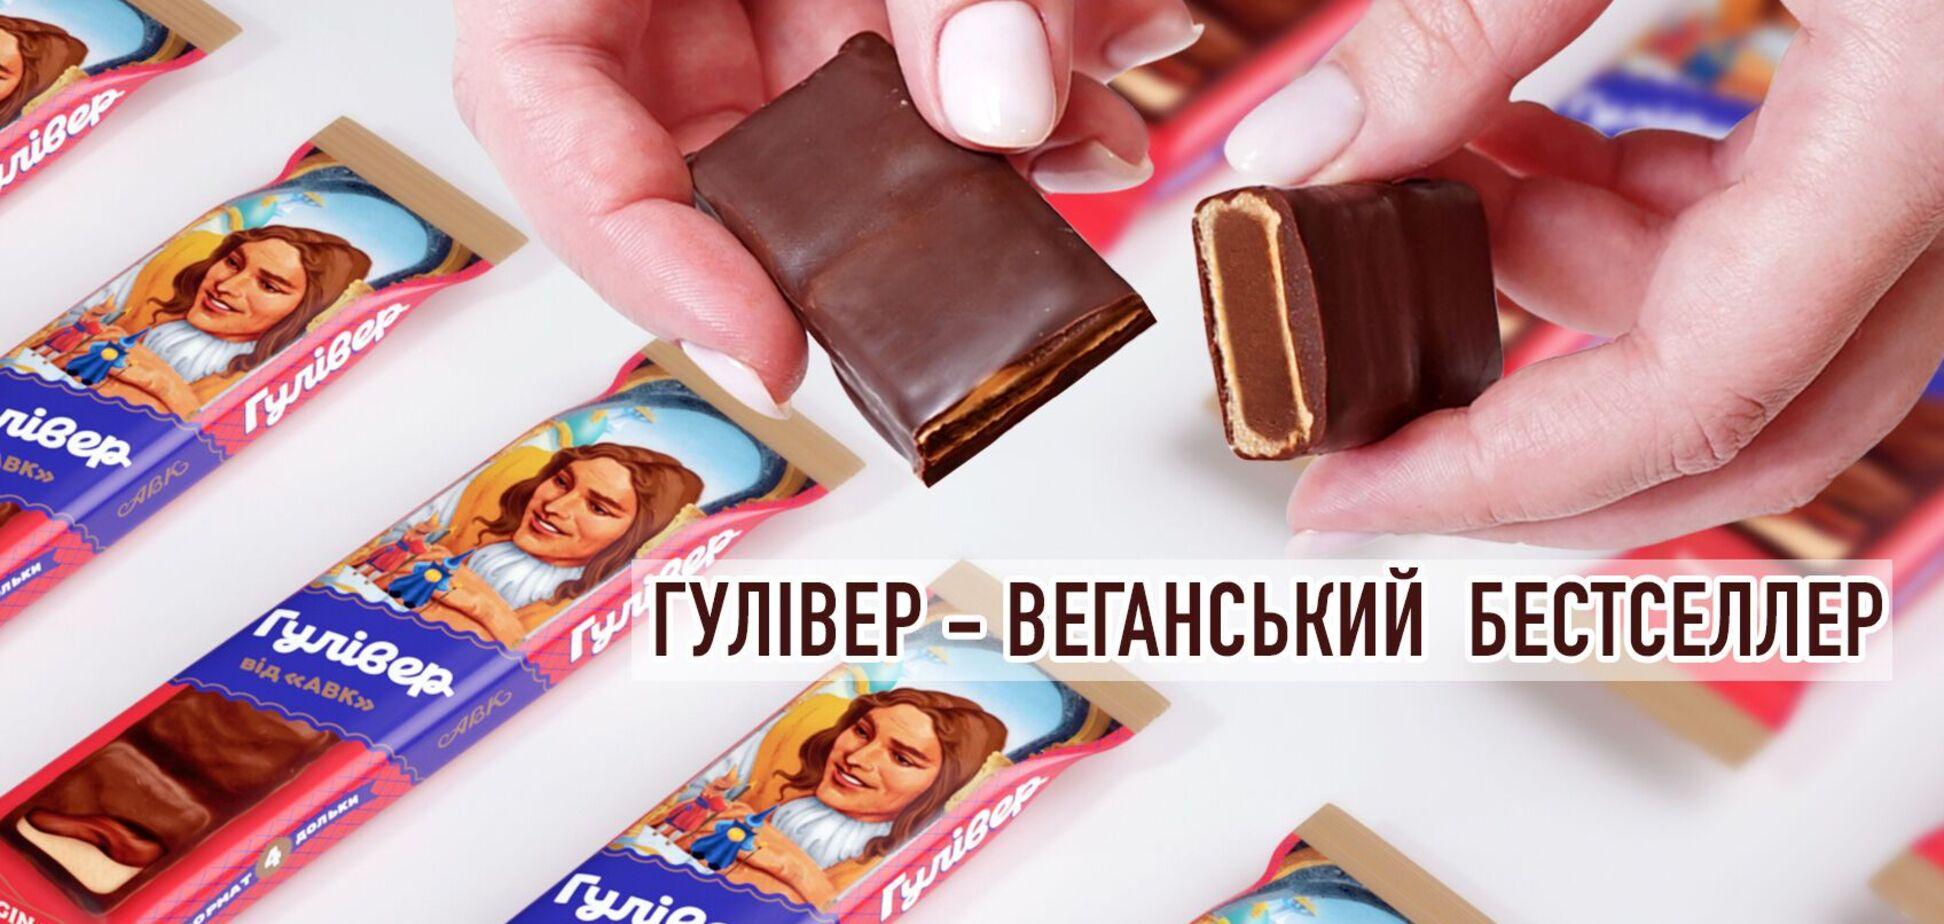 В Украине уже 30 лет существует натуральный шоколадный батончик 'Гулливер' от АВК